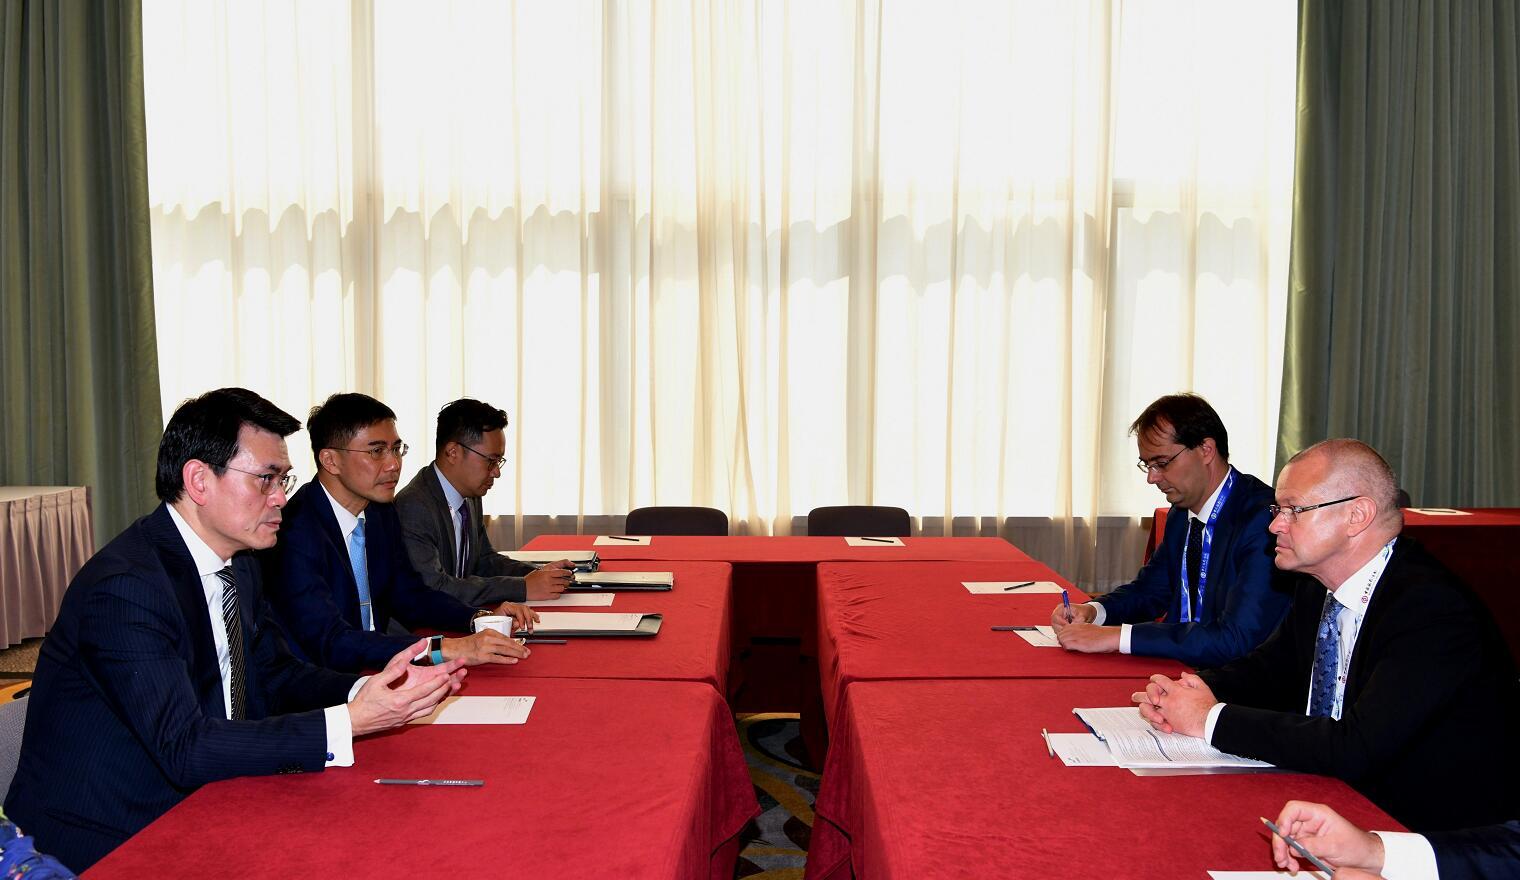 商務及經濟發展局局長邱騰華(左一)今日(九月十一日)在第四屆「一帶一路高峰論壇」舉行期間,與匈牙利財政部國務秘書Gábor Gion(右一)舉行雙邊會議。「一帶一路」專員葉成輝(左二)亦有出席會議。